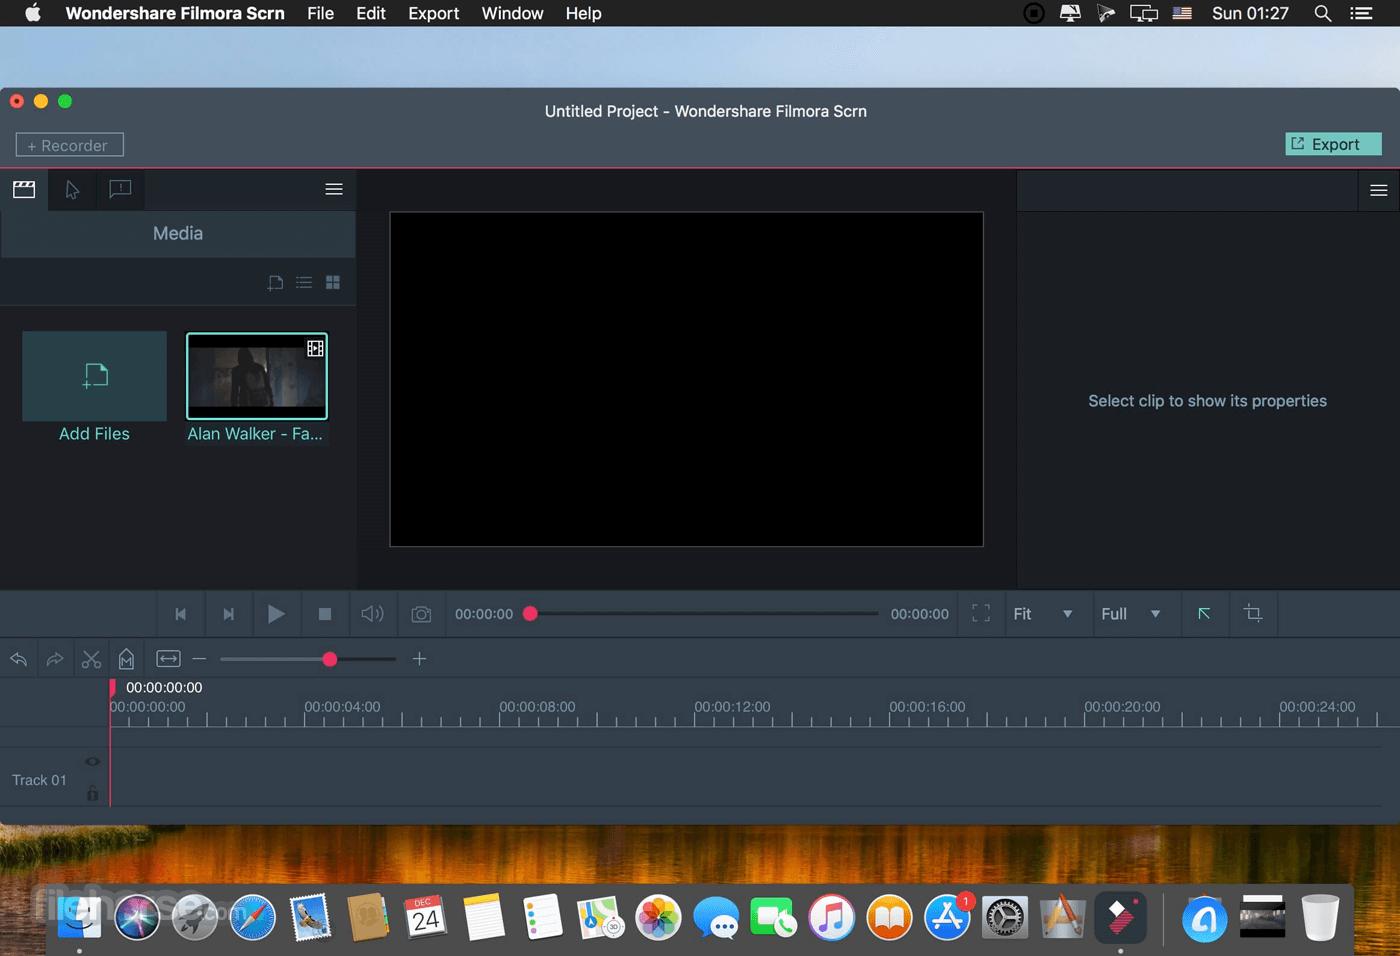 Filmora Scrn 2.0.1 Screenshot 3